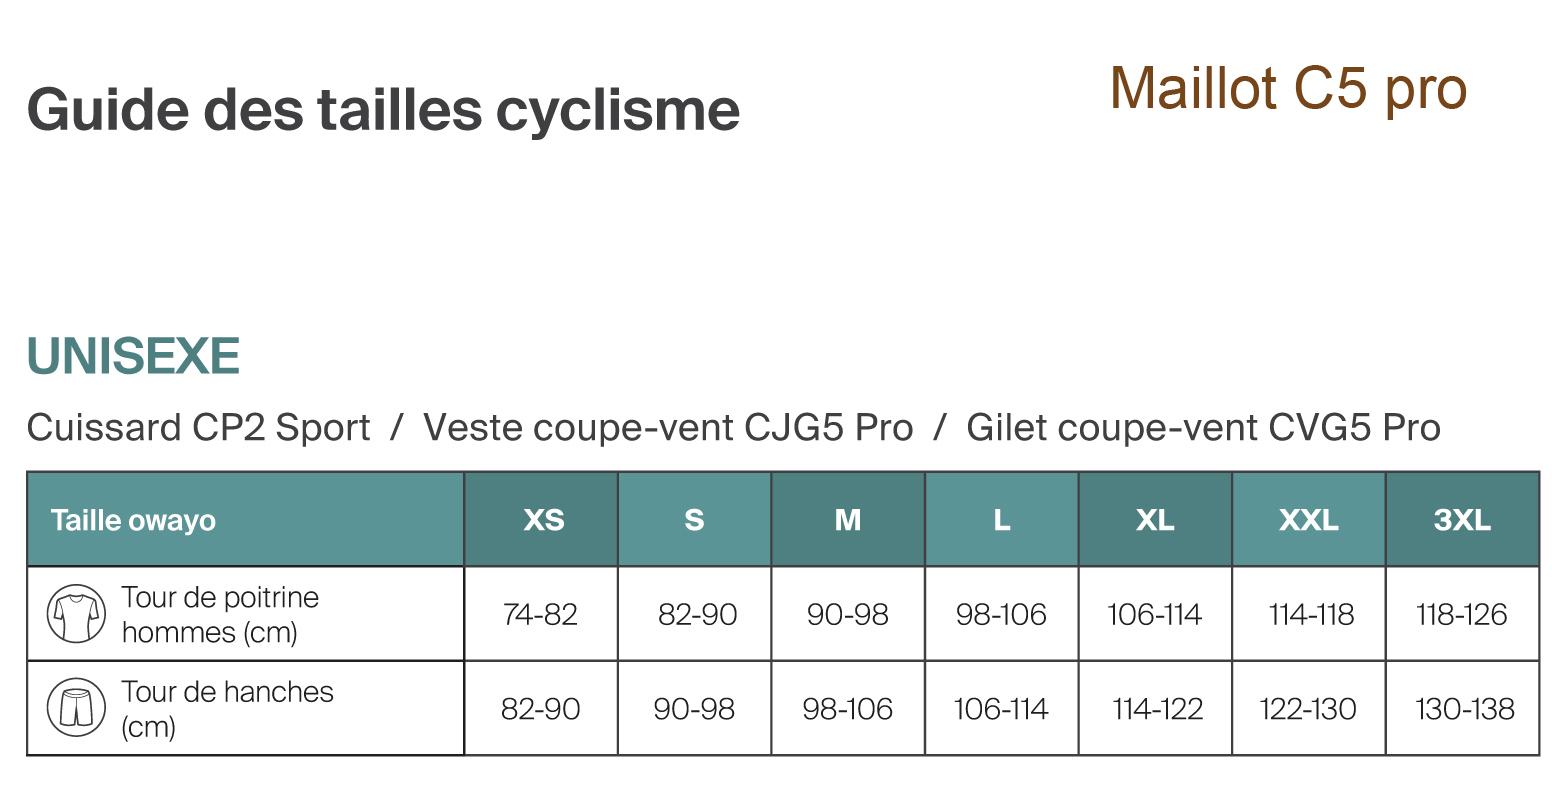 Guide des tailles cyclisme 2